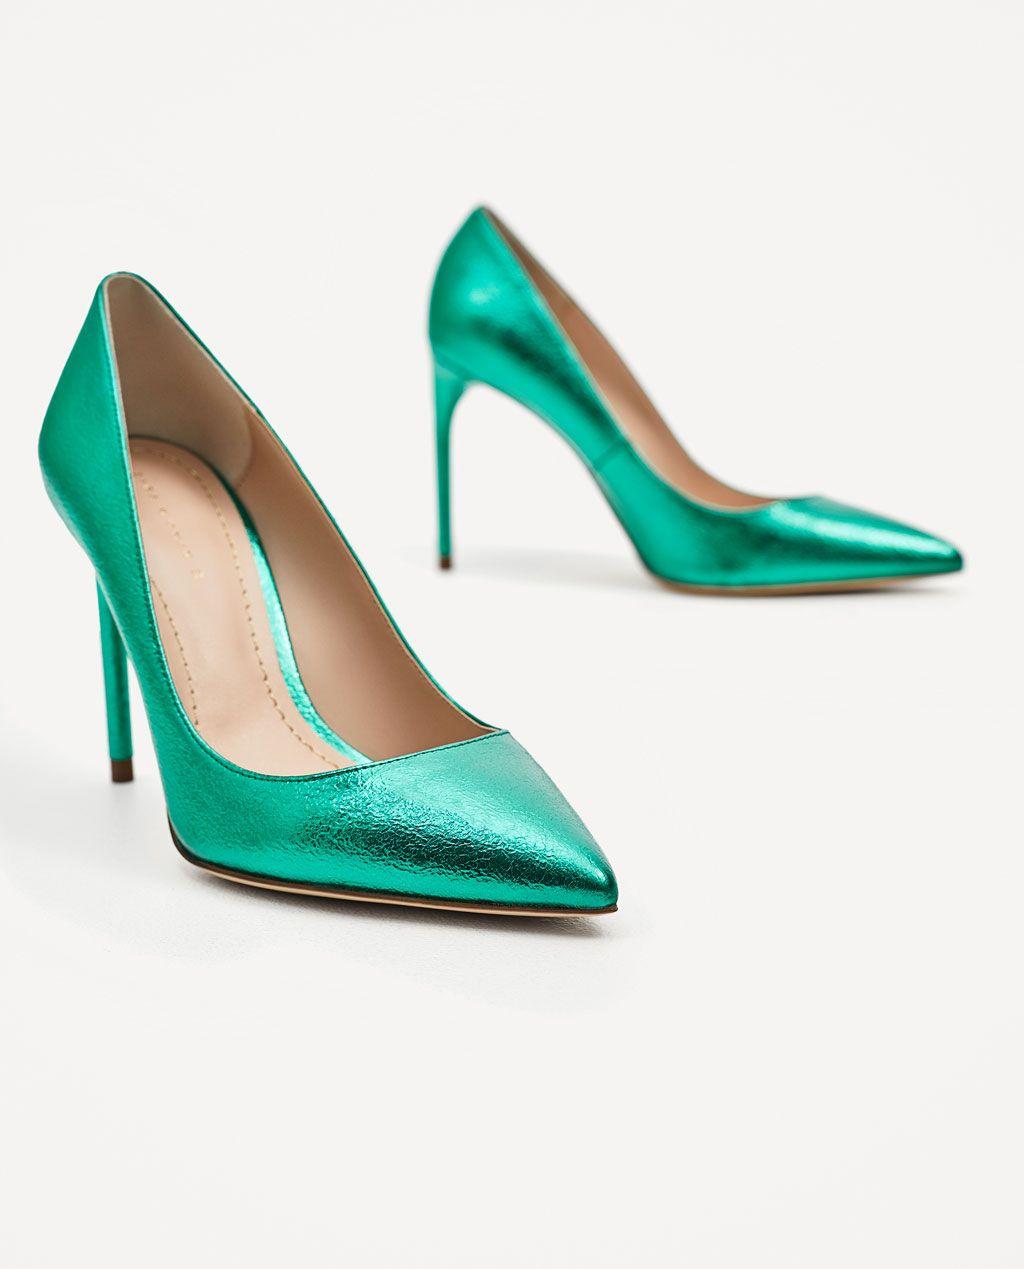 Zara Woman Metallic Green Court Shoes Absatz Grune High Heels Fruhlingsschuhe